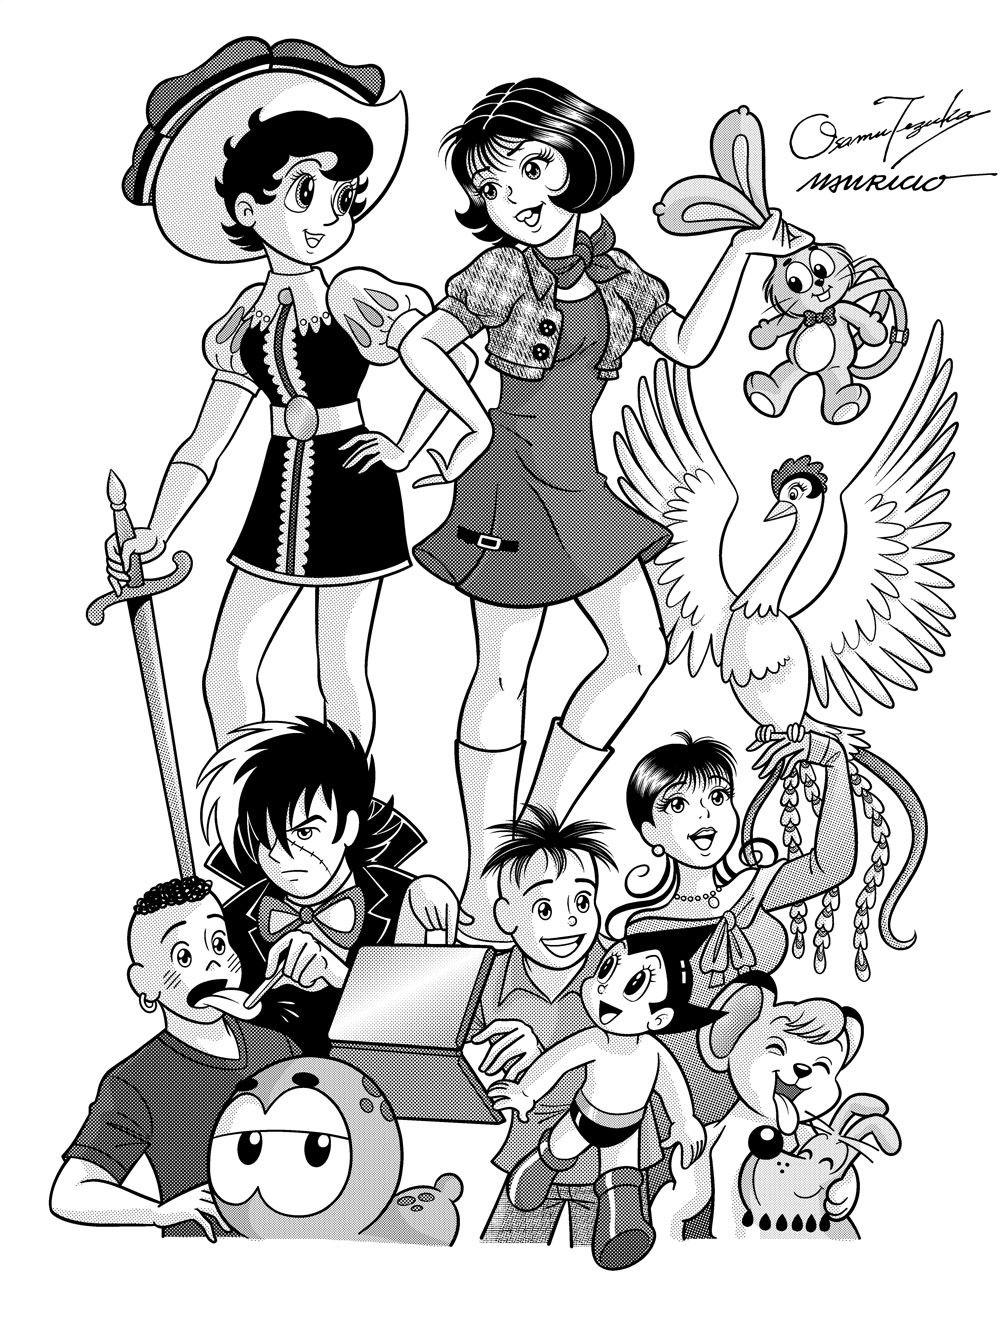 Tmj E Personagens De Ozamu Tezuka Imagem 3 Com Imagens Monica